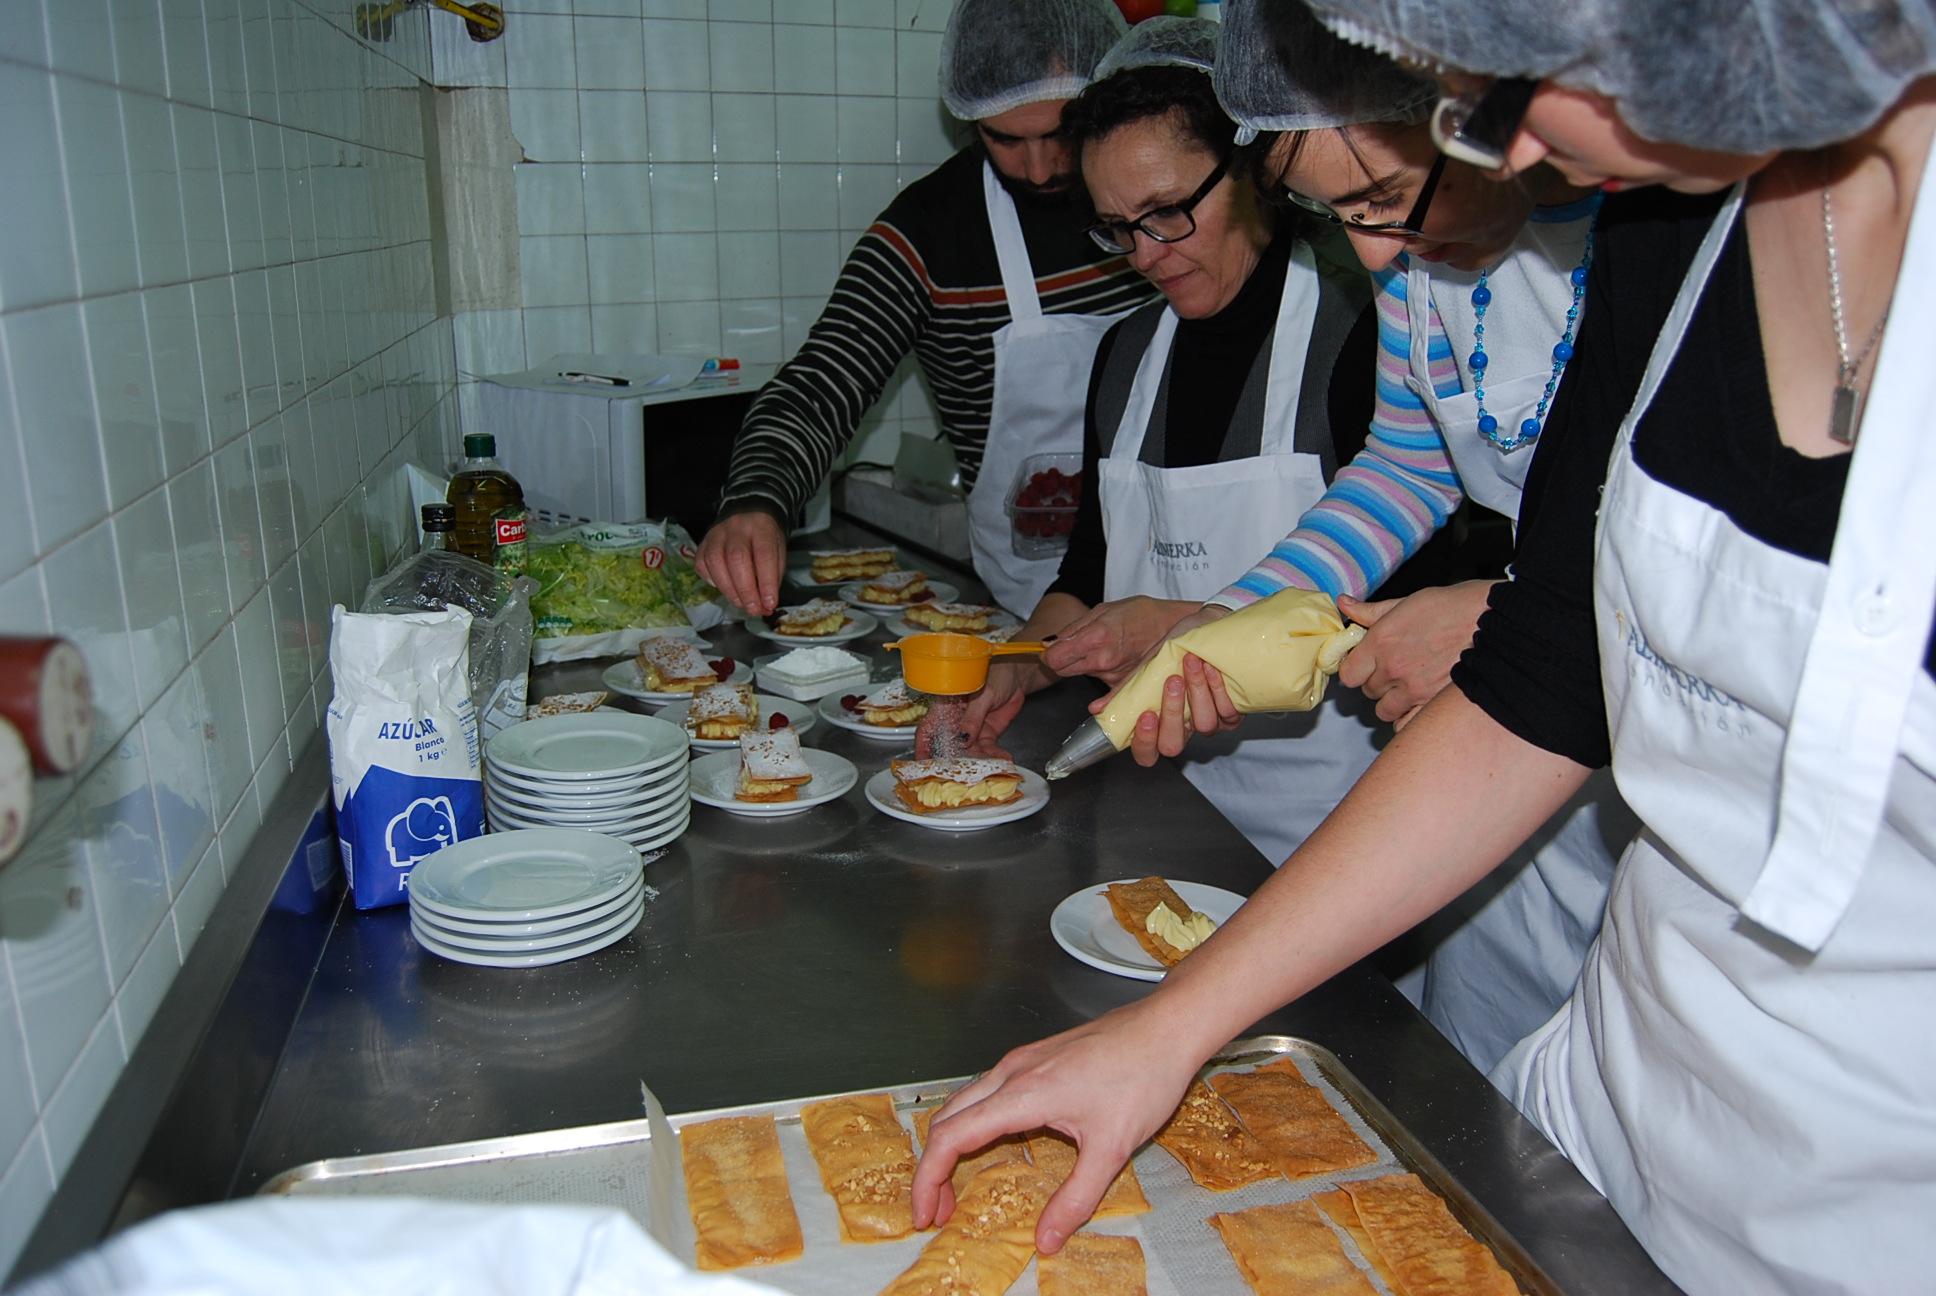 Taller cocina navide a 18 diciembre 2013 061 red - Cocina navidena espanola ...